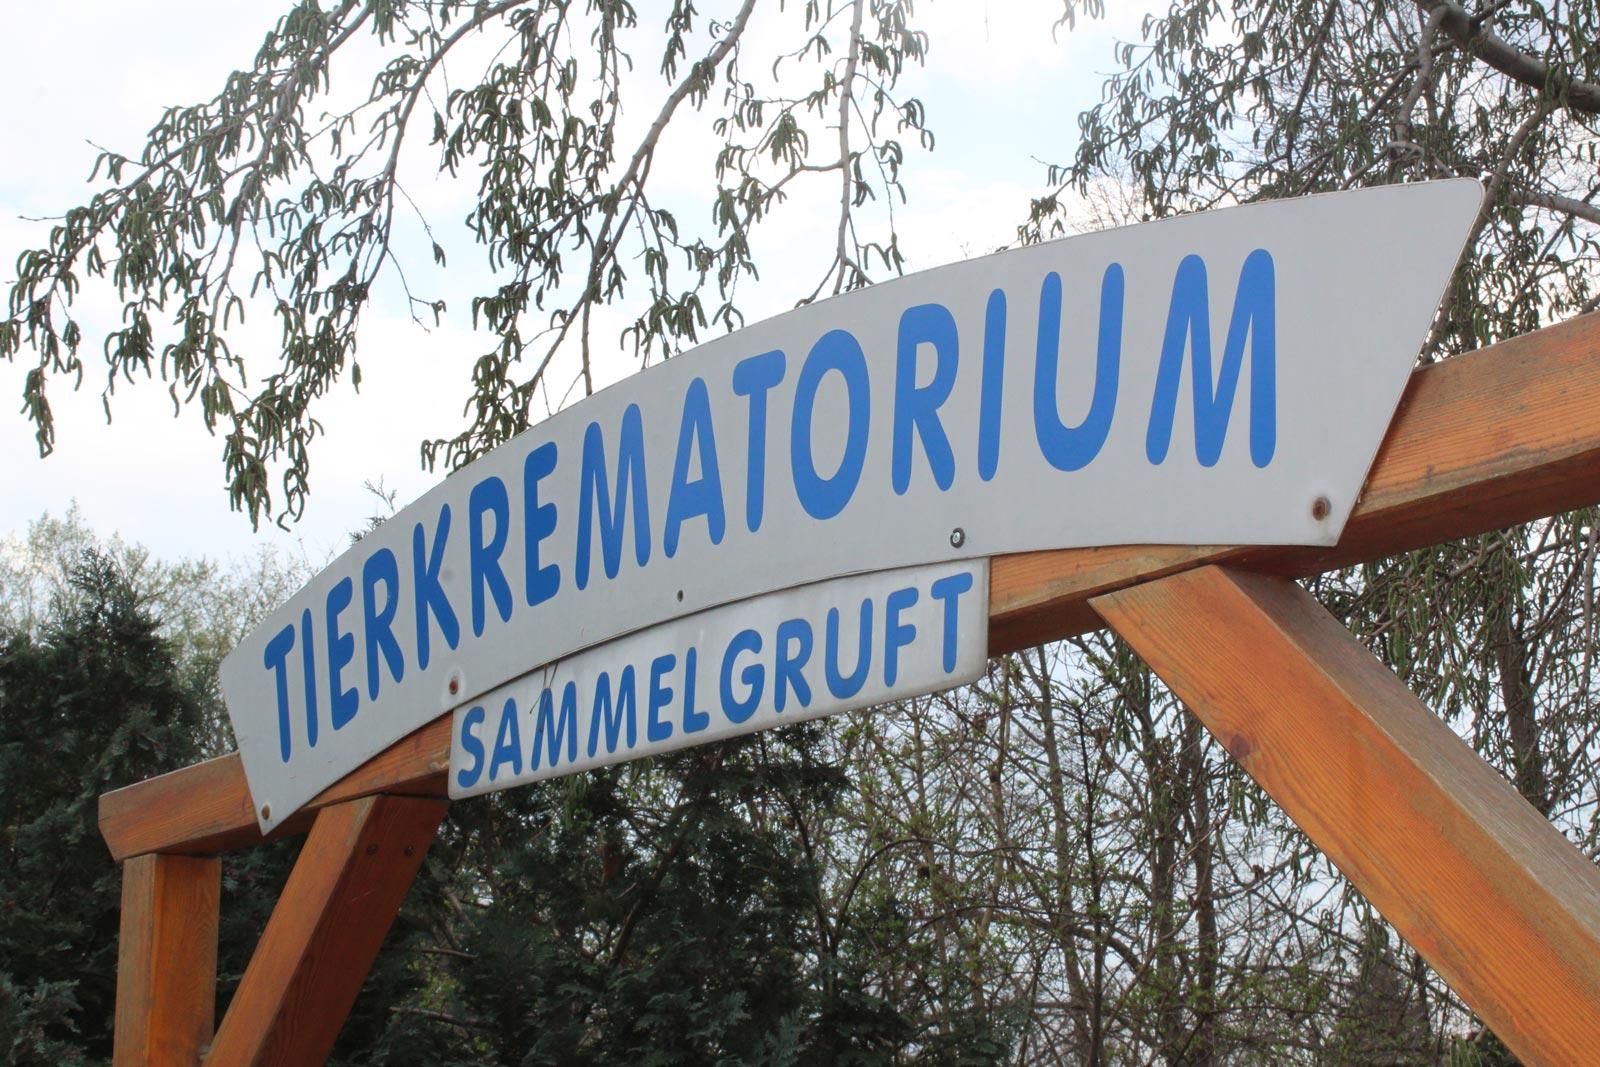 Tierkrematorium_Lebring_Kremieren_Haustiere_Sammelgruft11